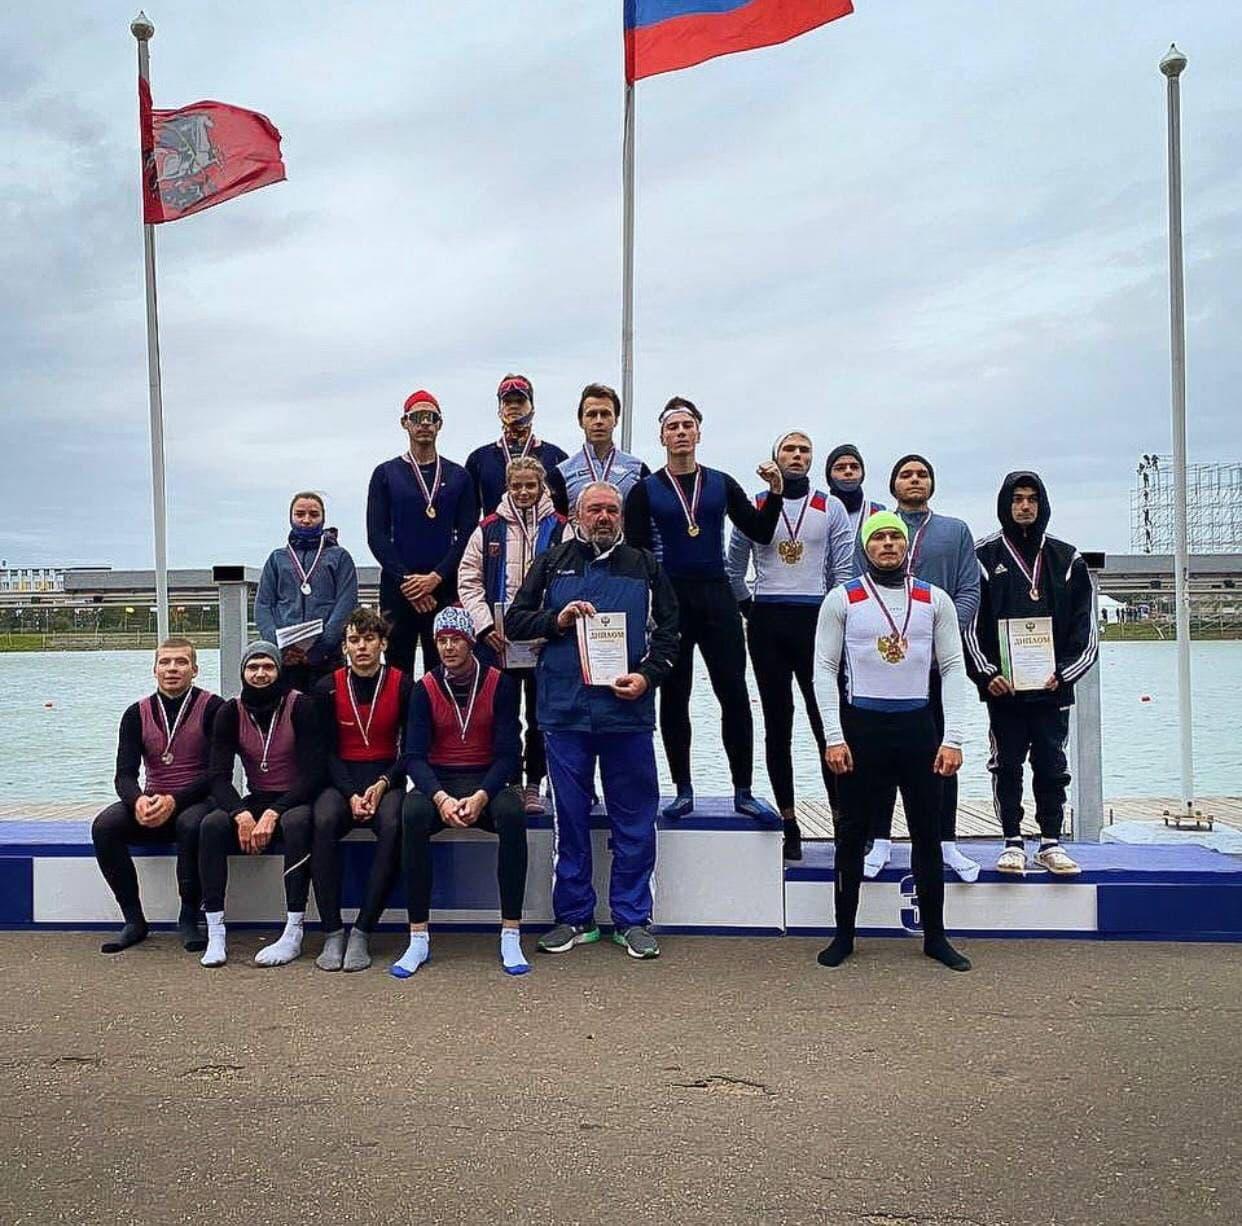 Гребцы из Подмосковья завоевали 5 медалей на первенстве страны